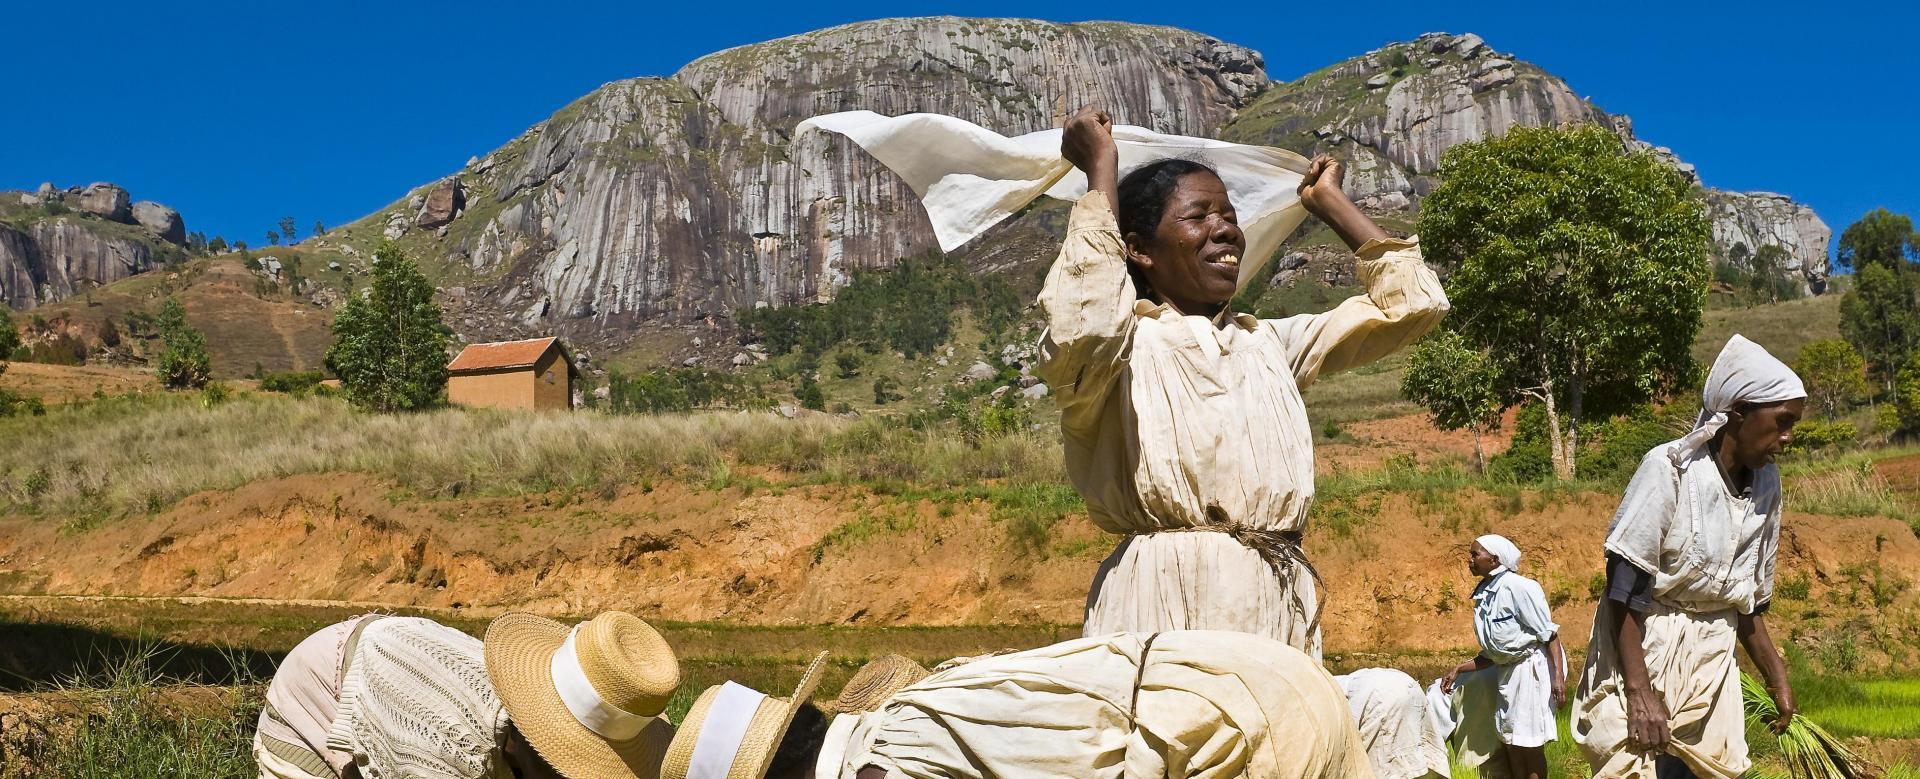 Voyage à pied : Balade en pays malgache